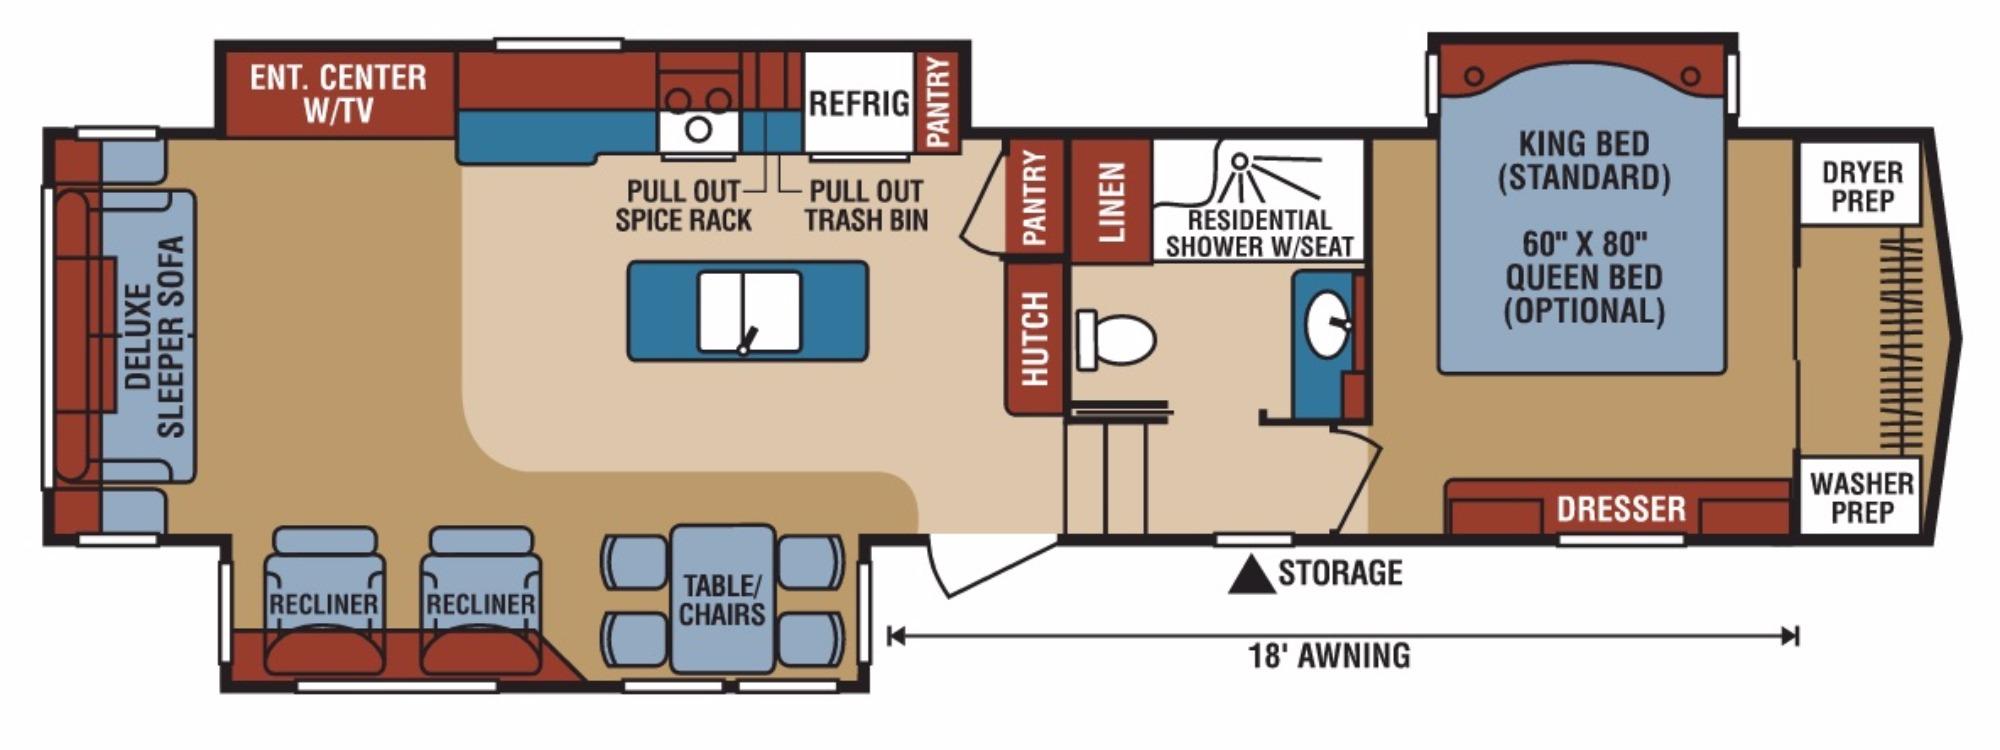 View Floor Plan for 2017 K-Z RV DURANGO GOLD 370RLT